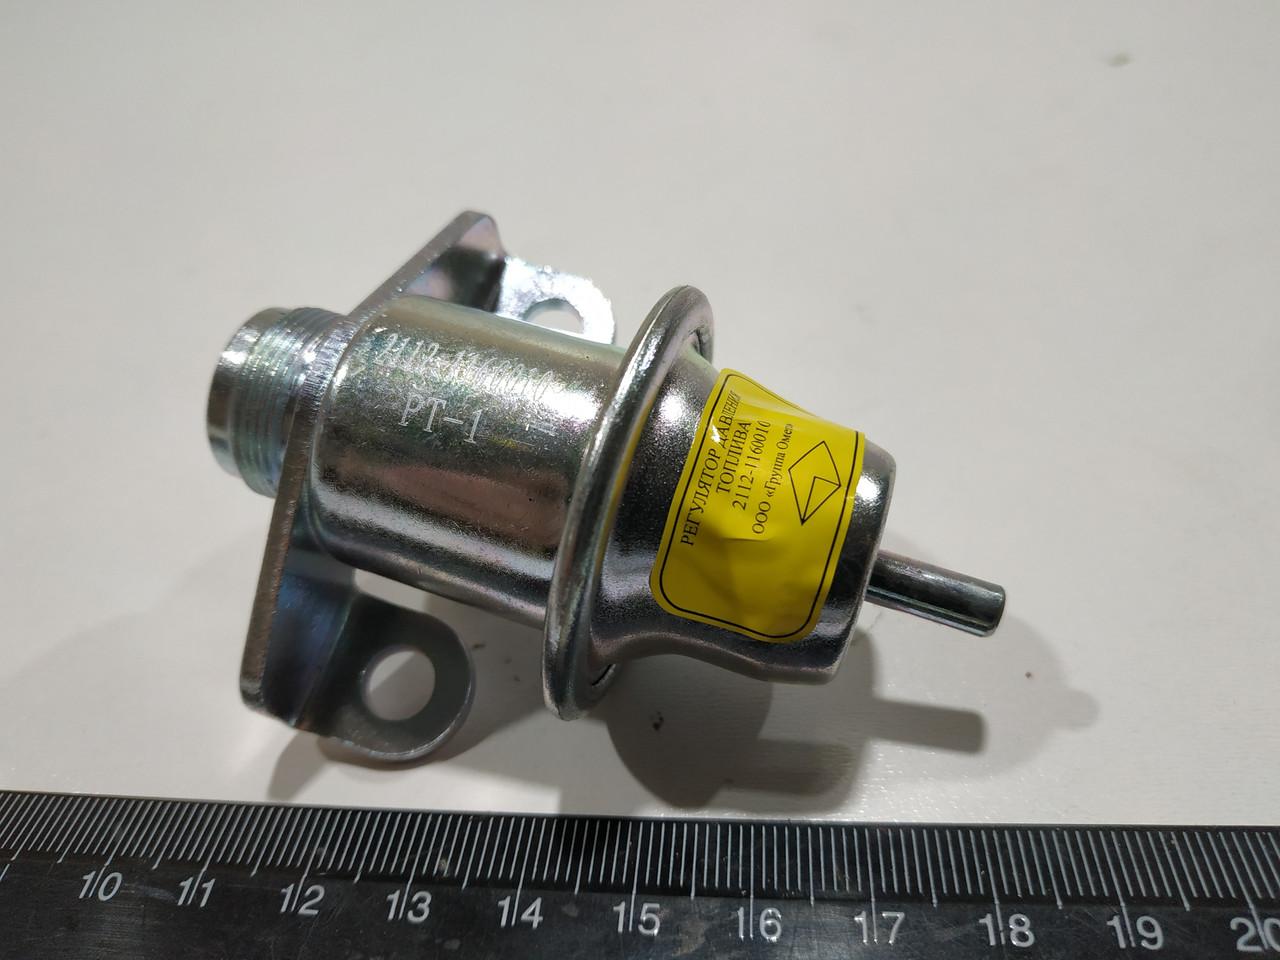 Регулятор давления топлива ВАЗ 2112 1.5, Омега (большой)